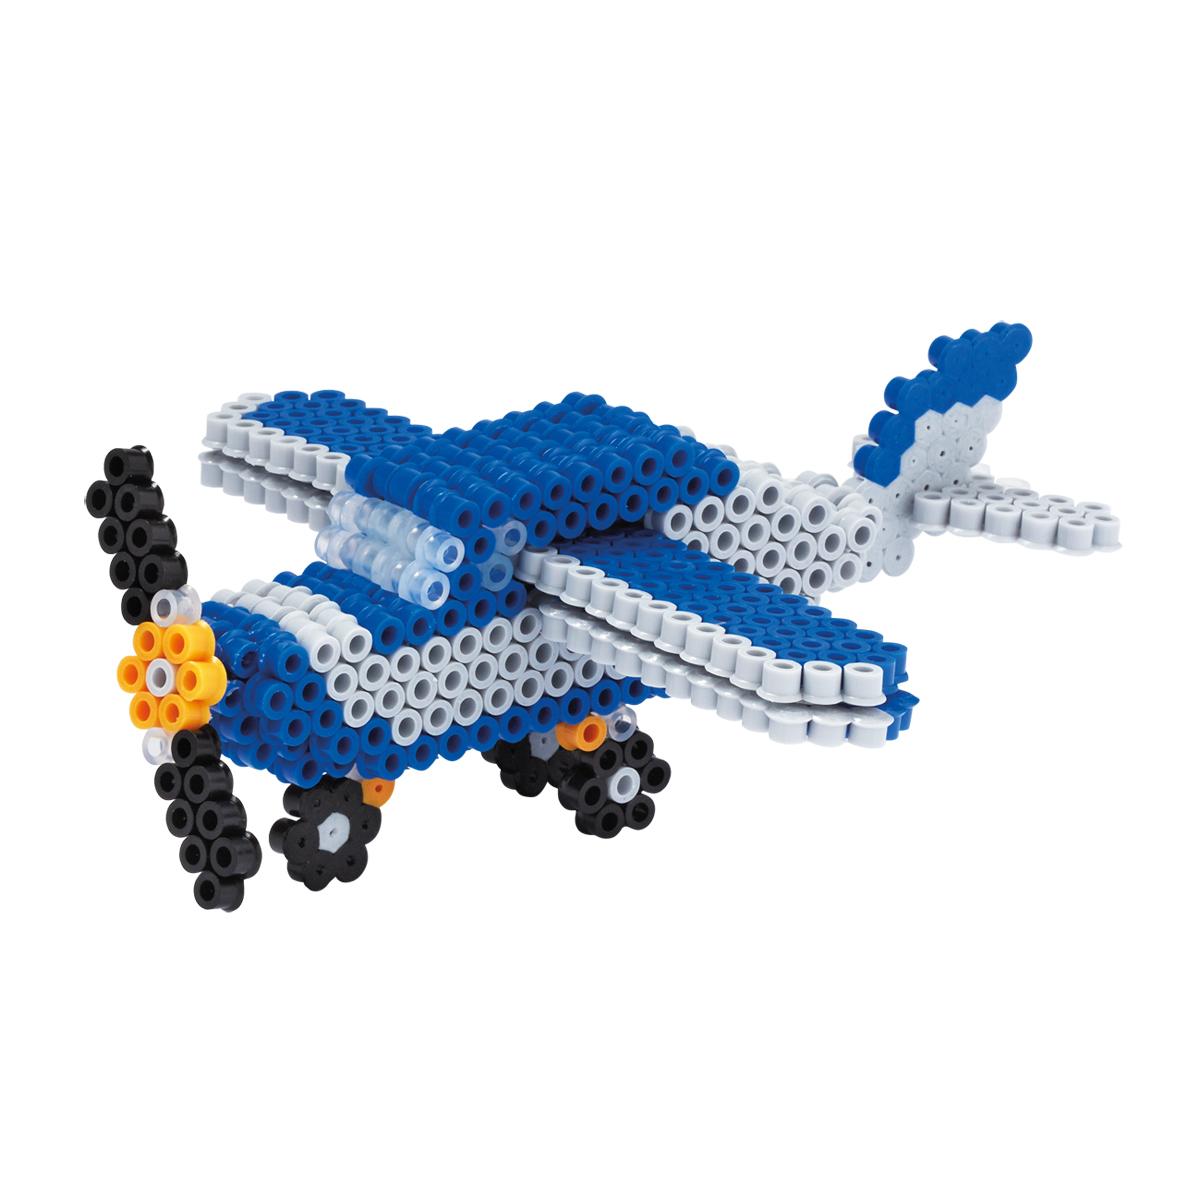 ハマビーズ3Dセット・飛行機